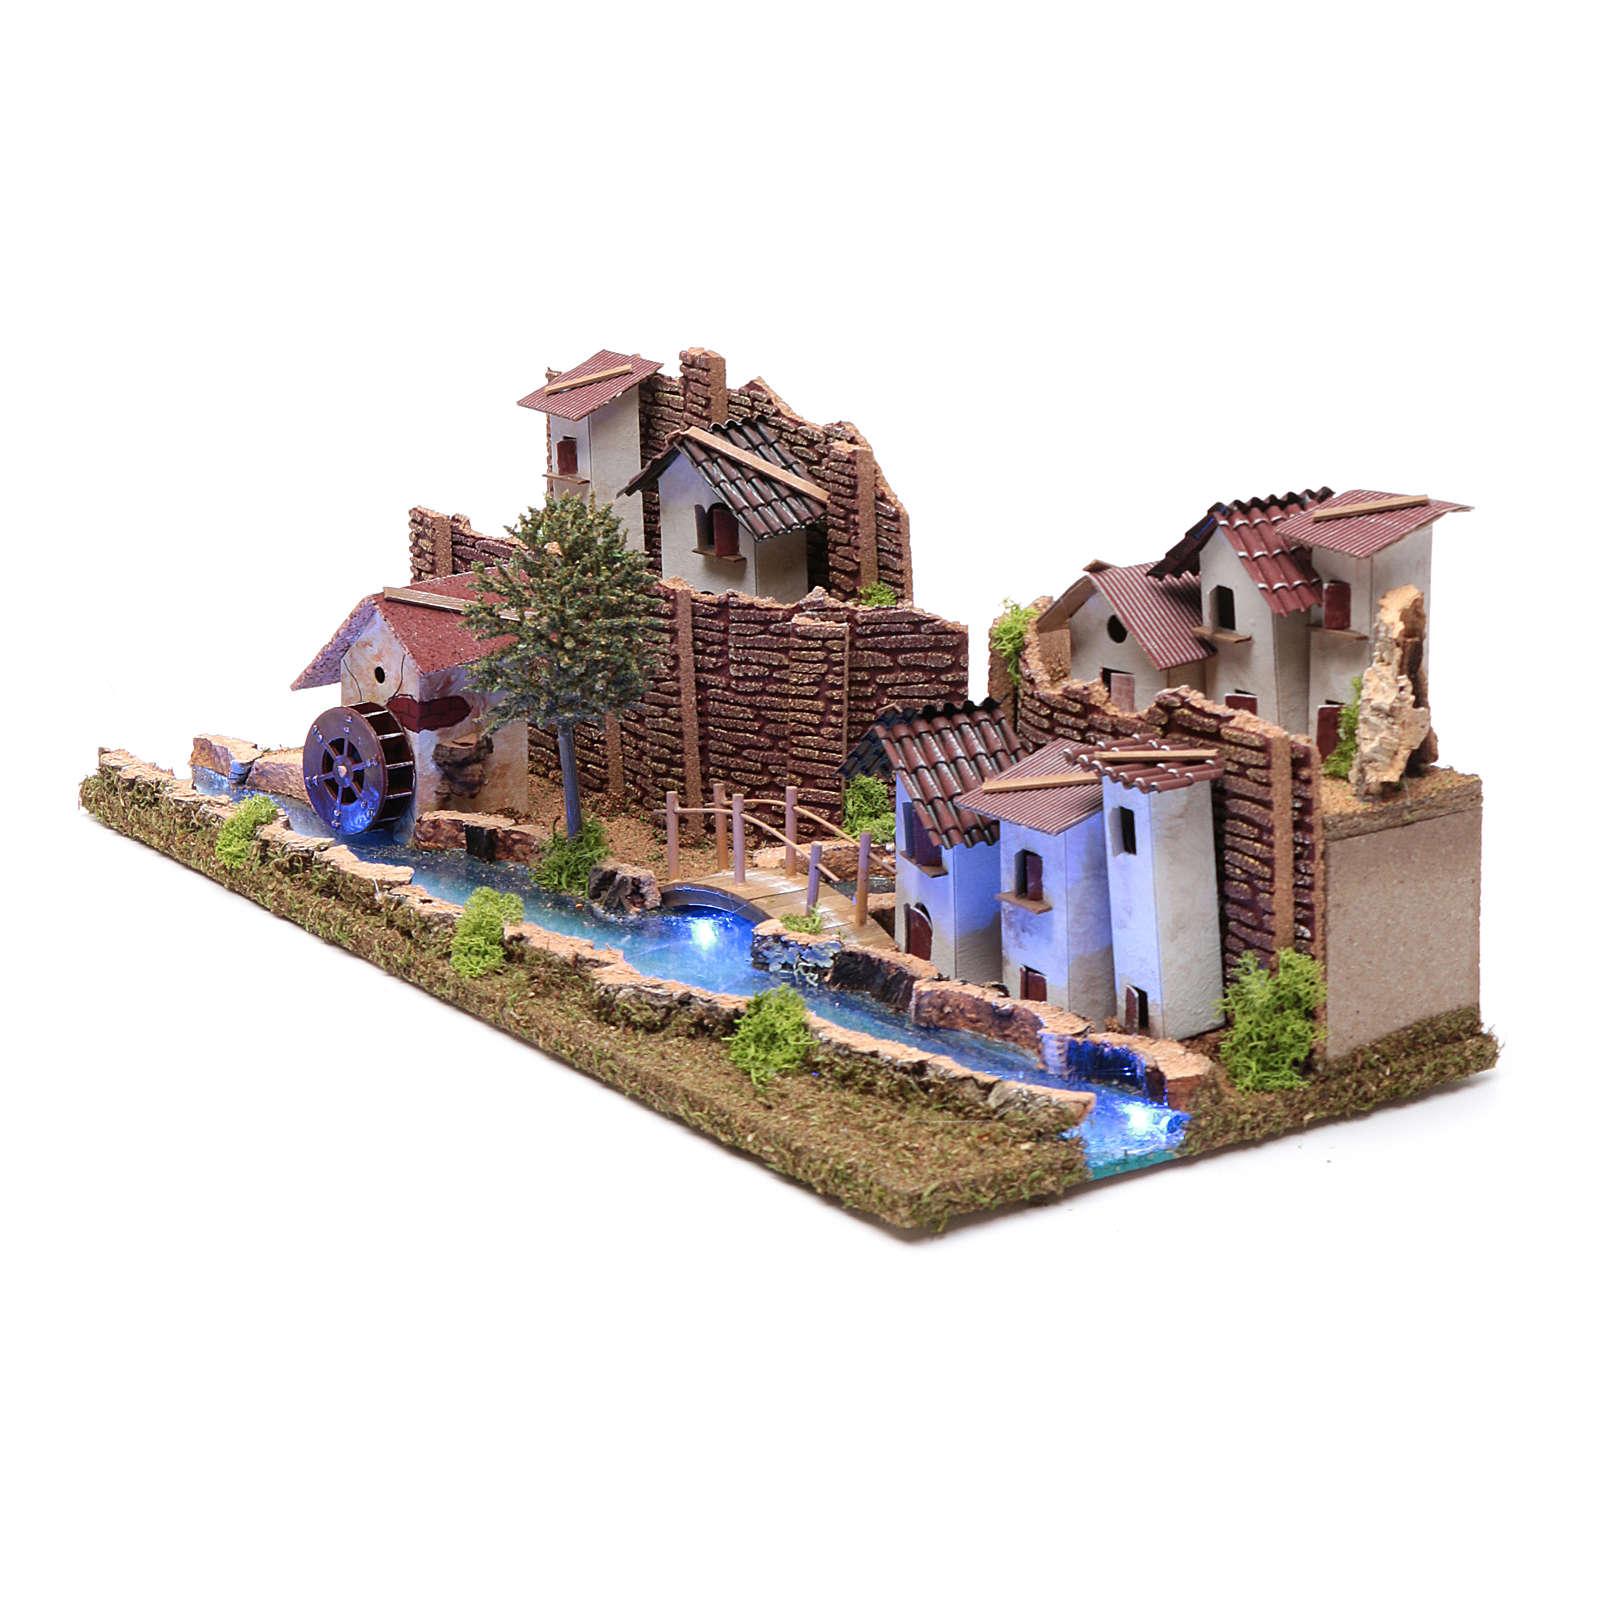 Ambientación con pueblo y río luminoso 20x55x25 cm 4